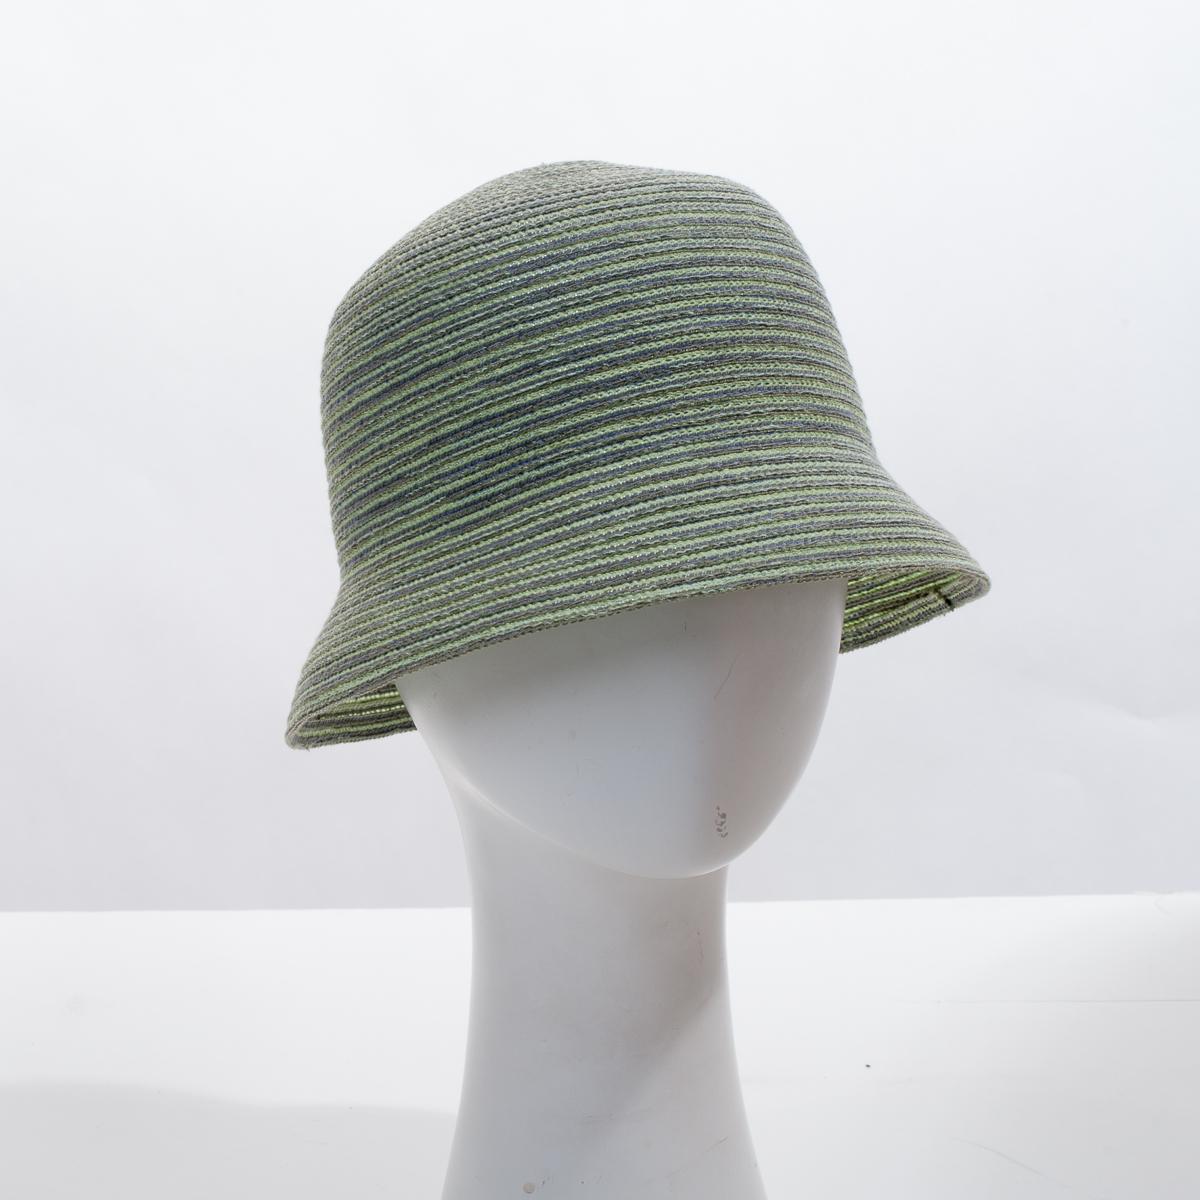 726cc510e90 Cloche Plain Hats-201026- Sun Yorkos